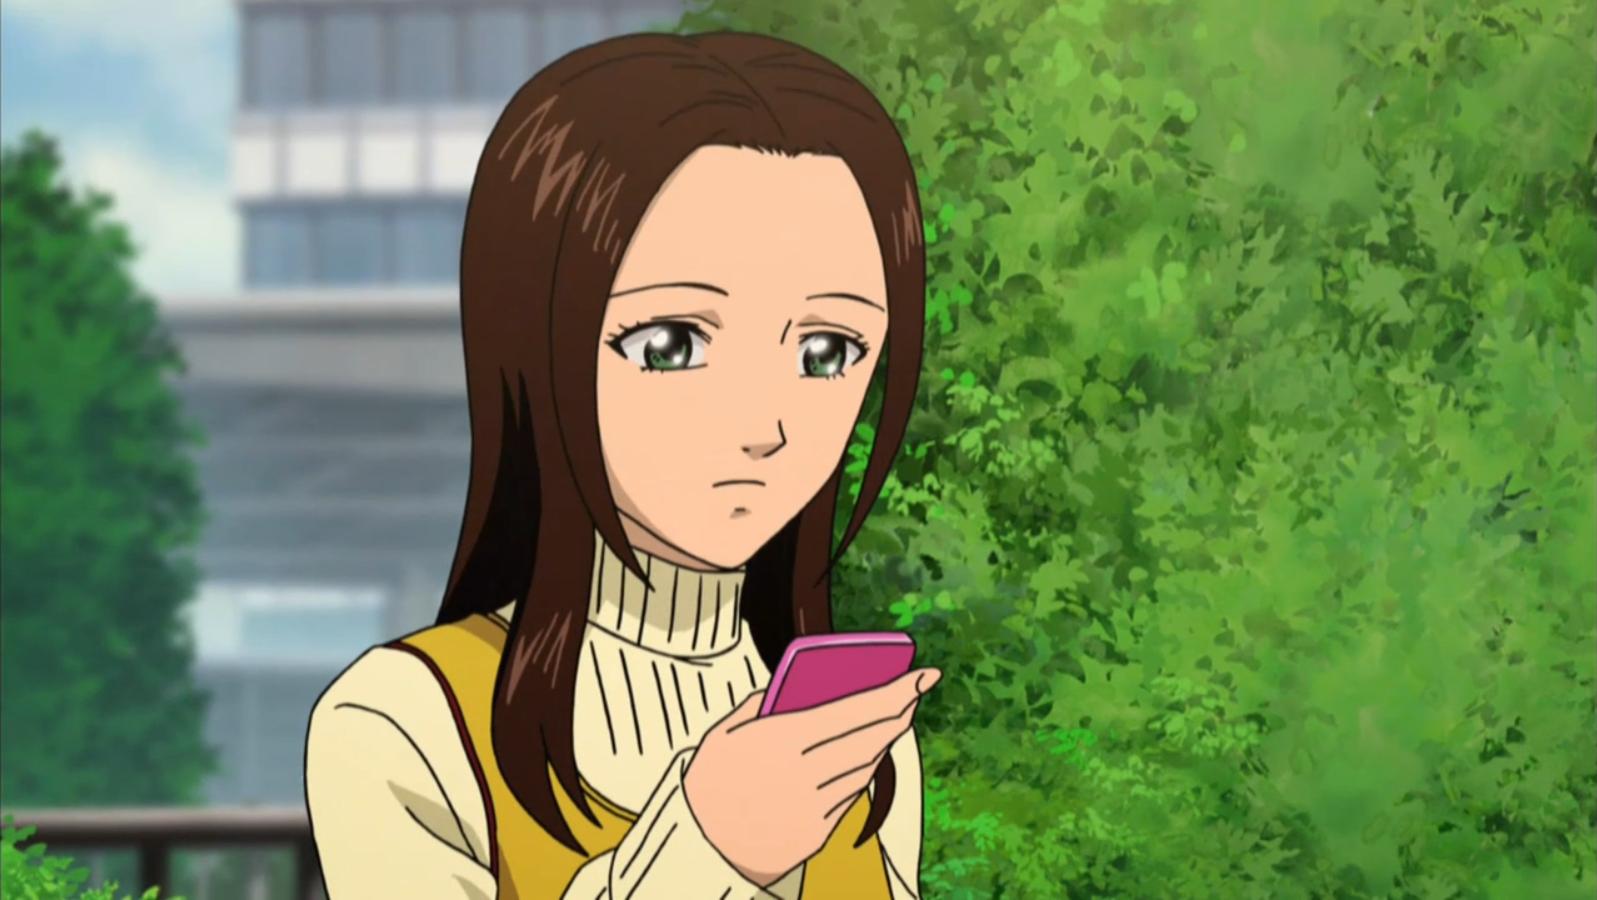 Megumi Ogura